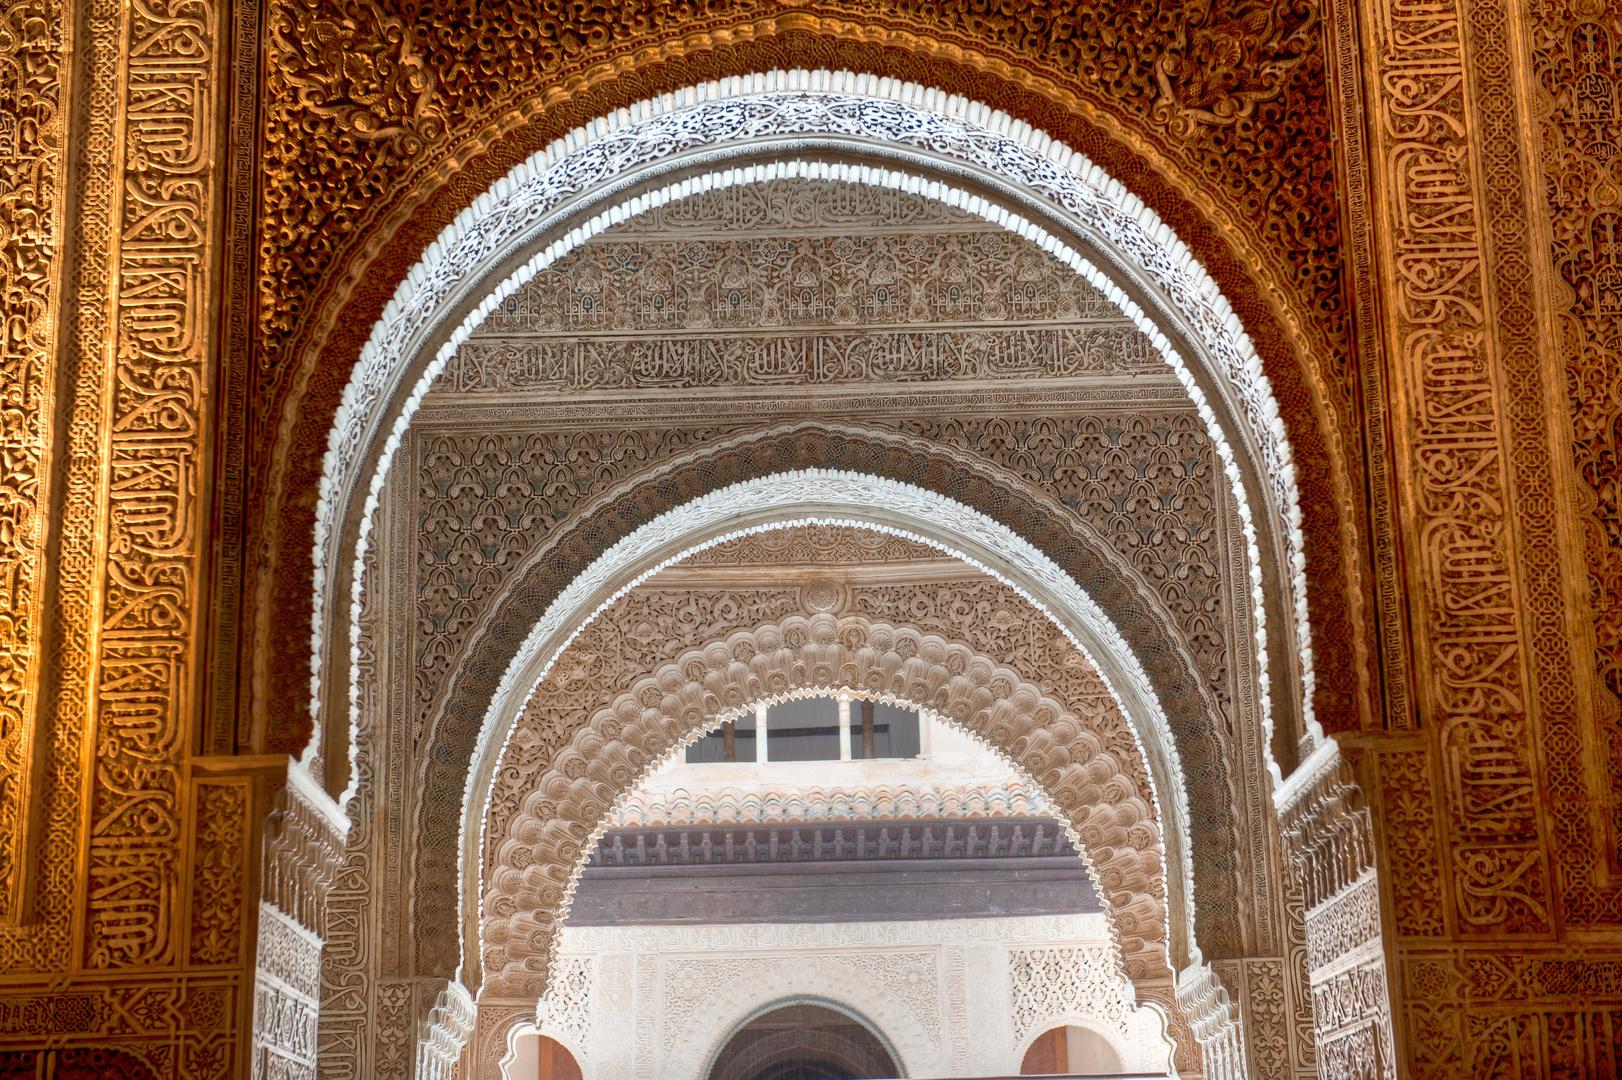 Bögen in der Alhambra